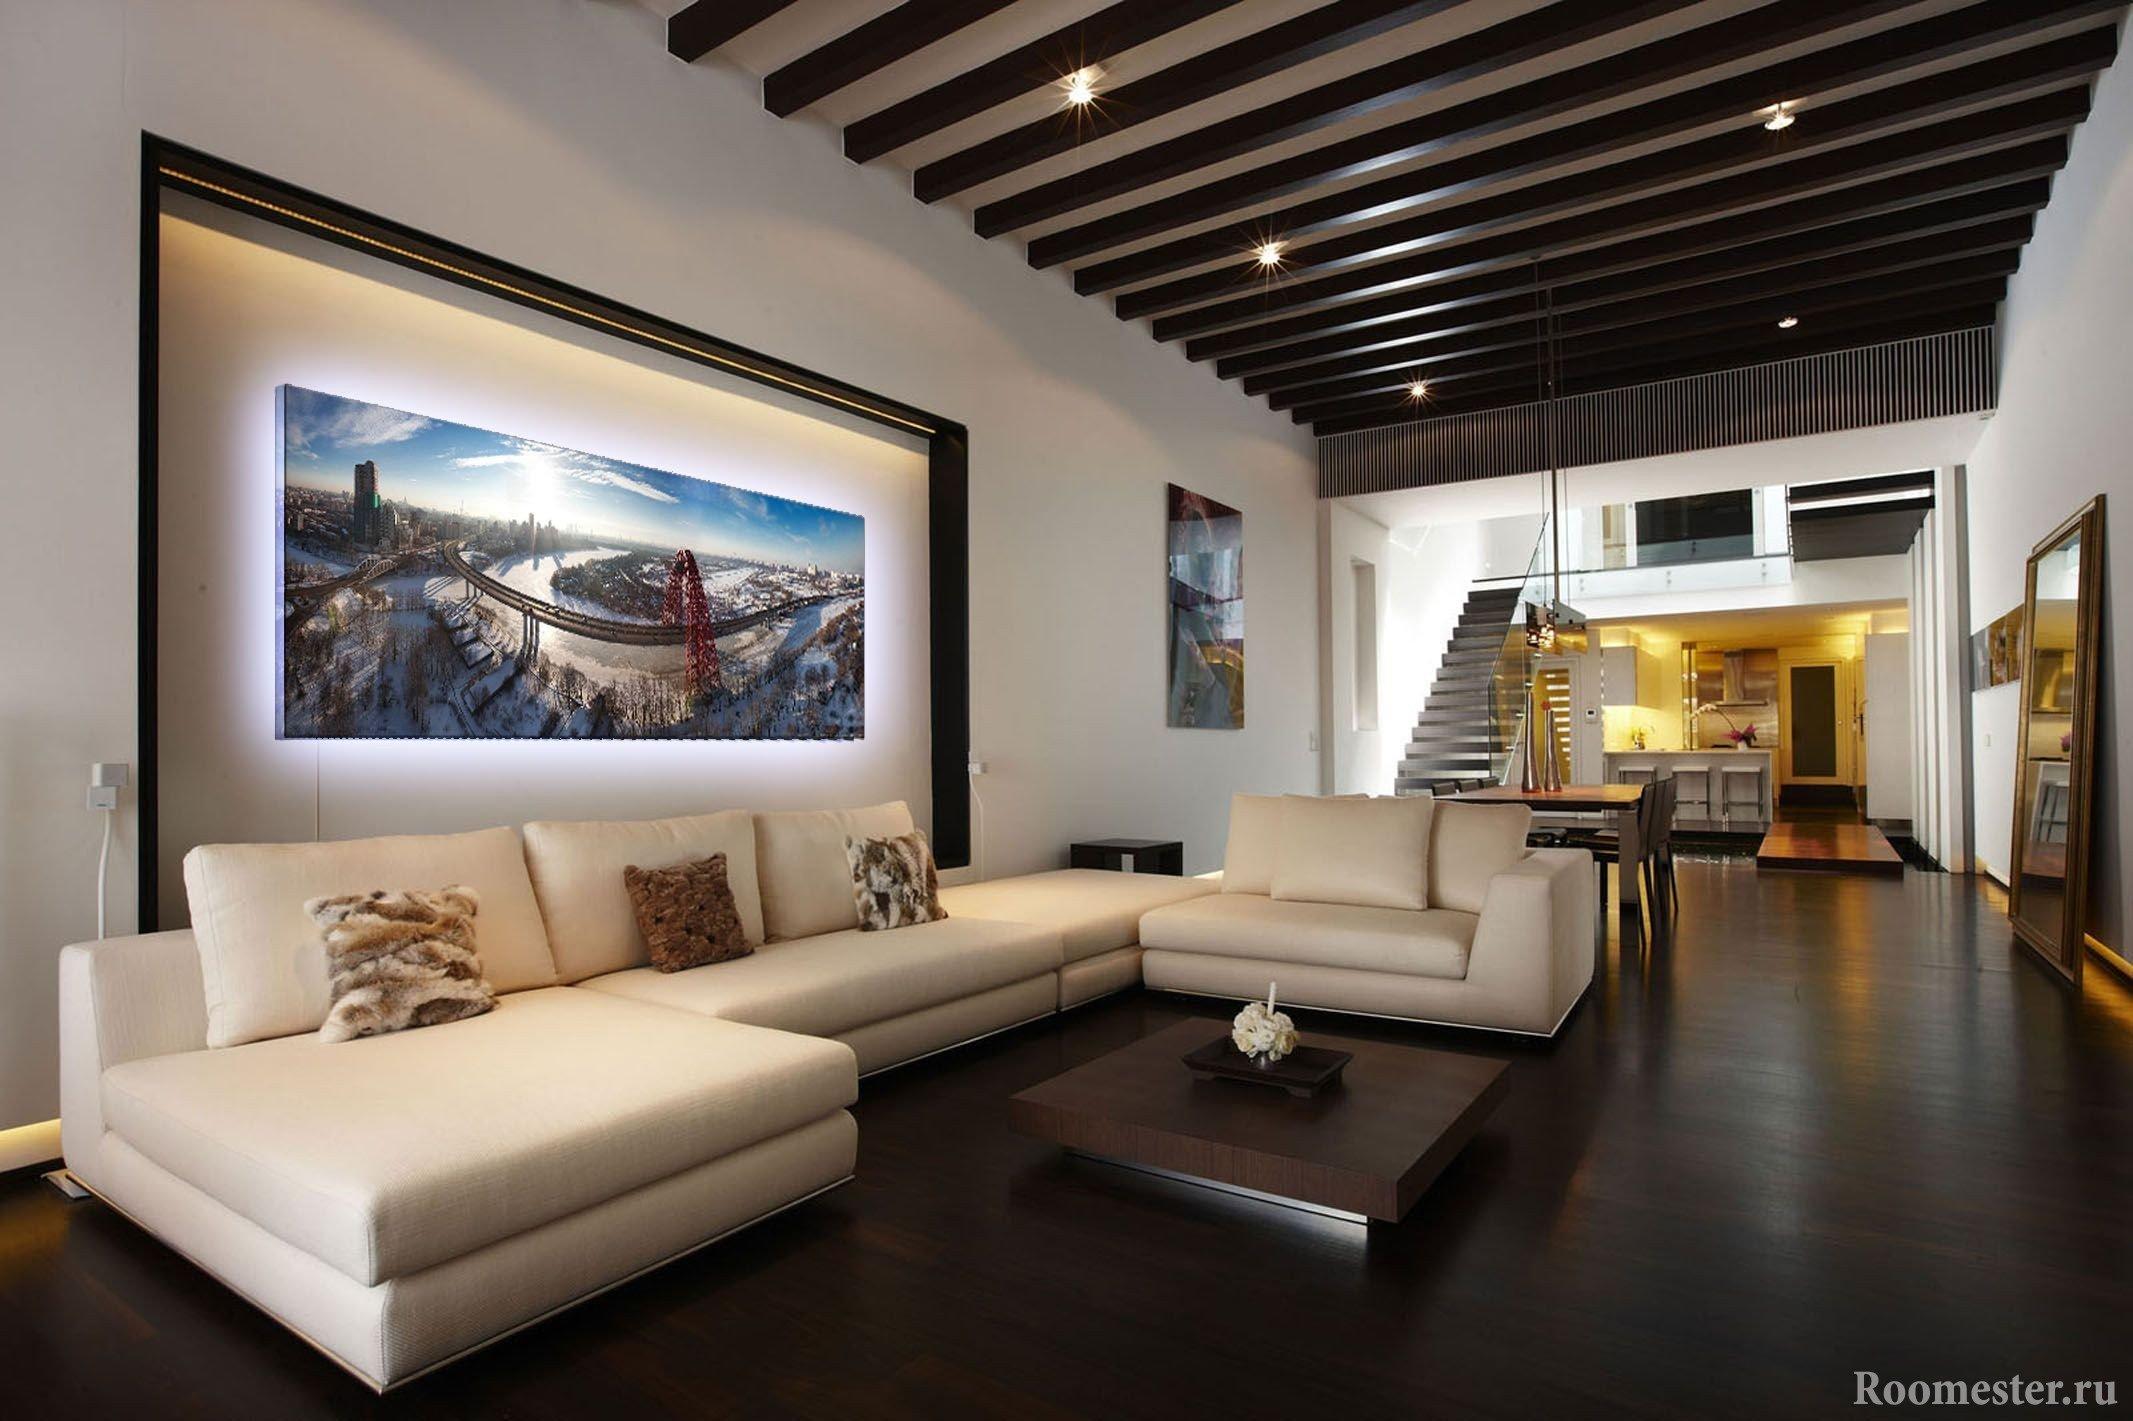 Темный потолок в интерьере квартиры фото дизайна